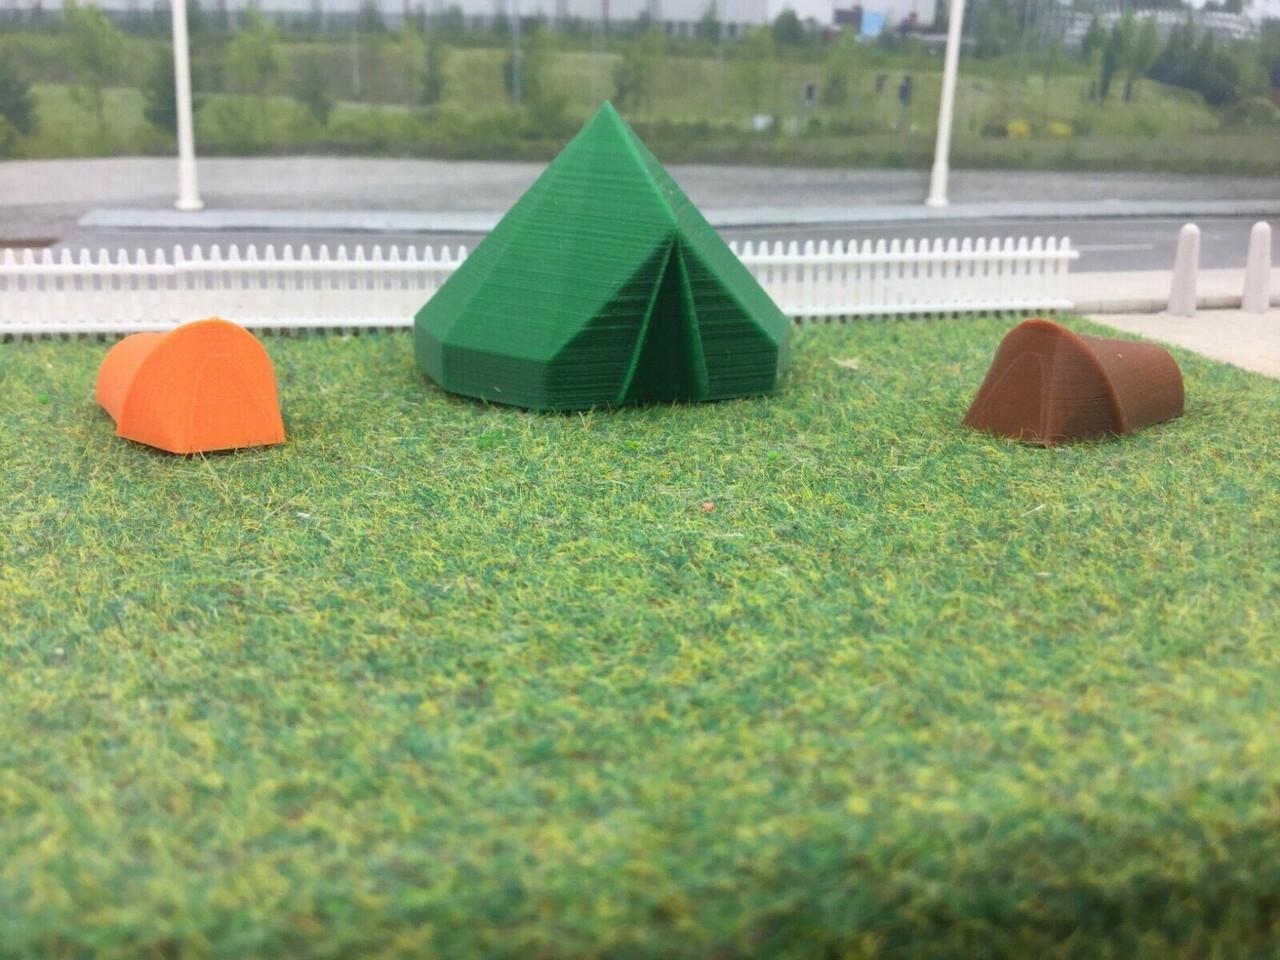 3d Printed Tents 3 pack   1/76 00 Gauge  (type2)